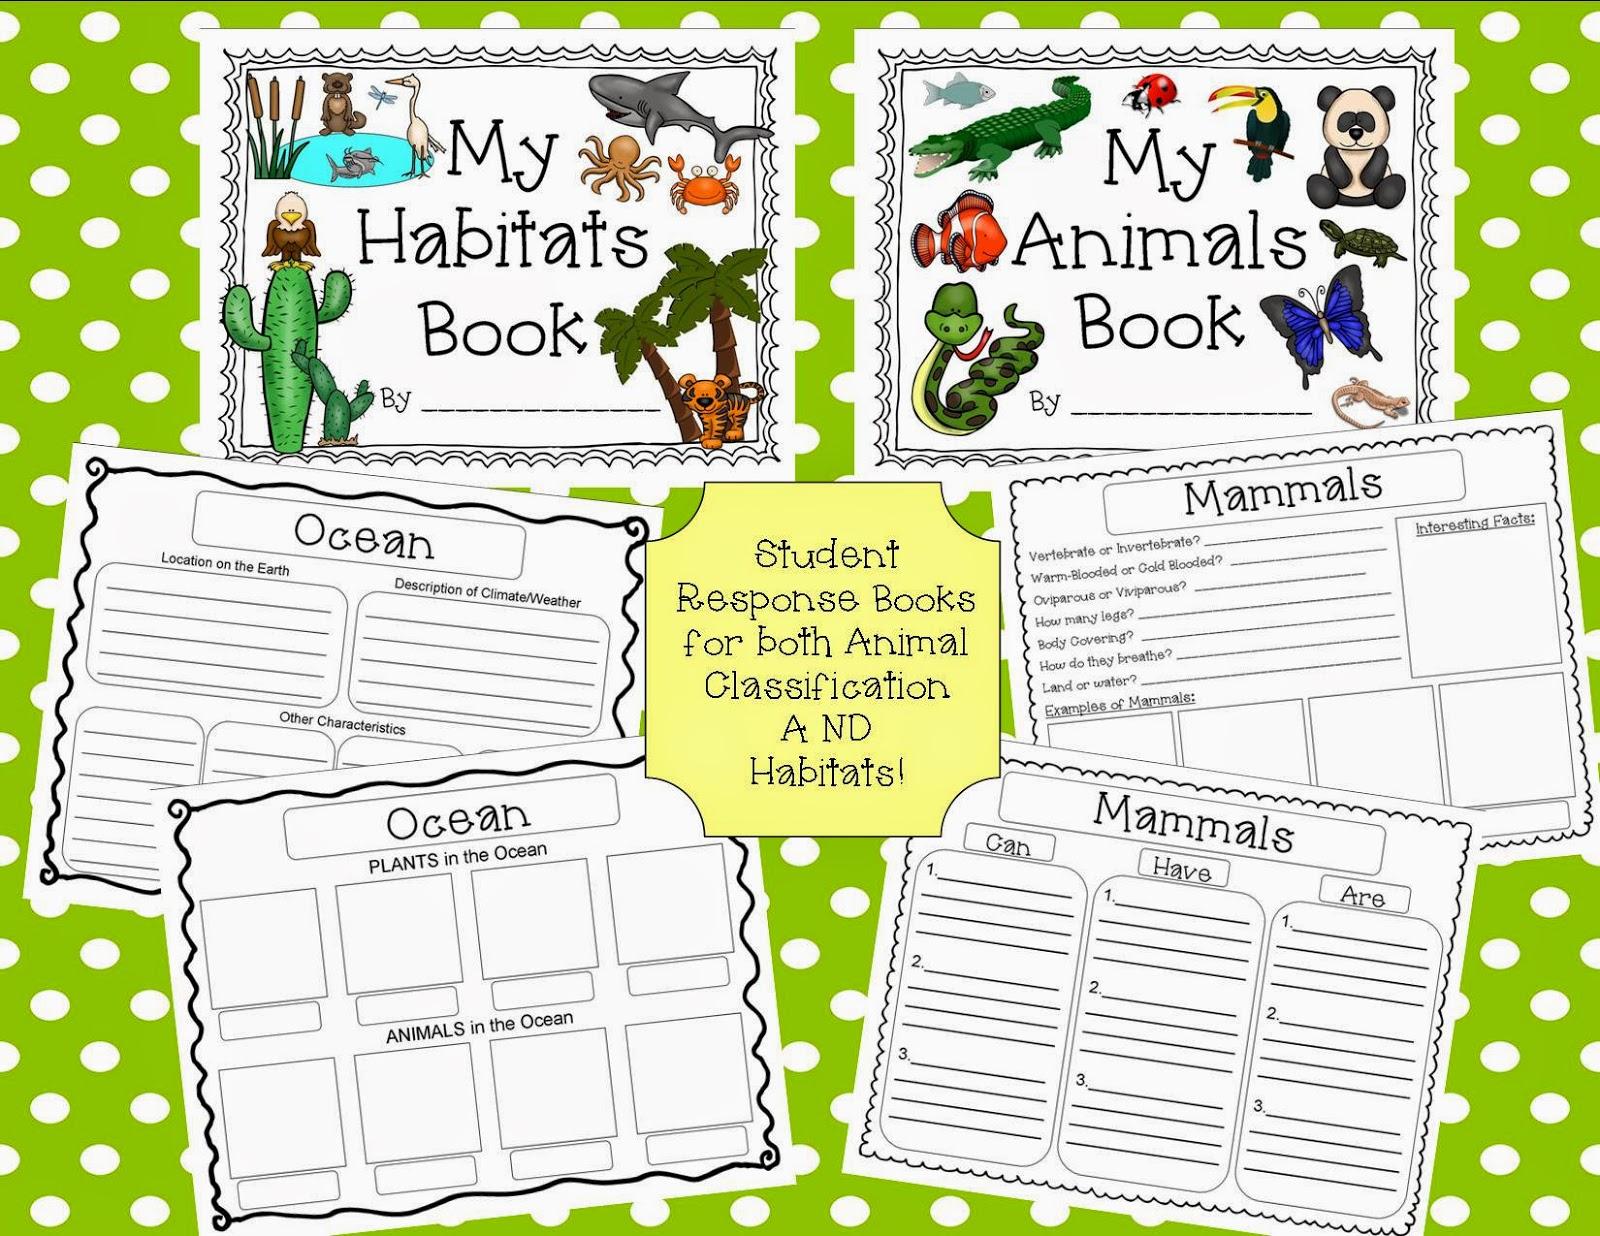 imagenes de habitat de animales